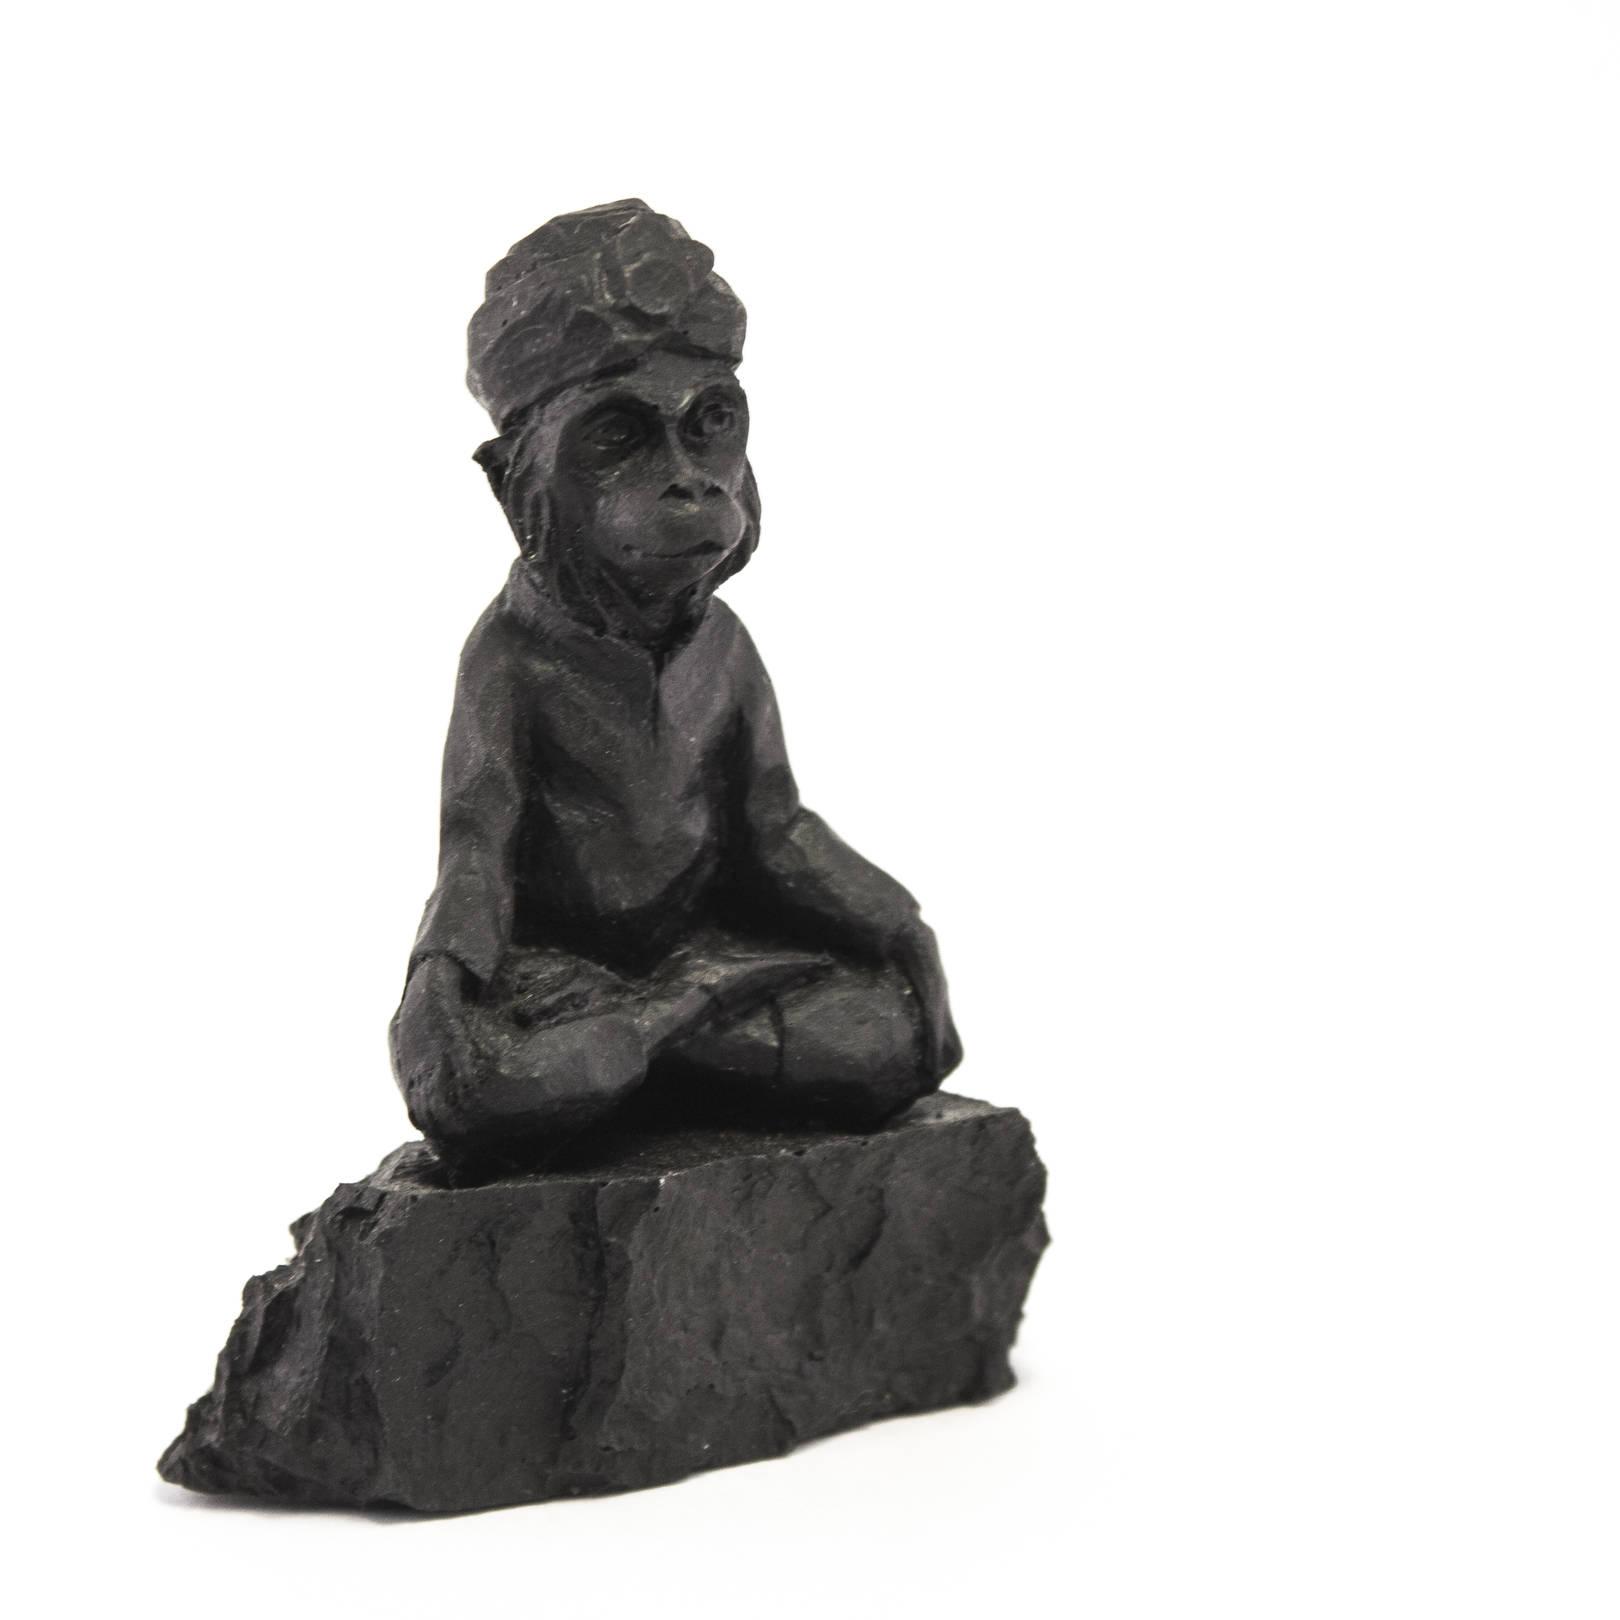 Мудрая обезьяна. Высота 10 см. Материал - уголь